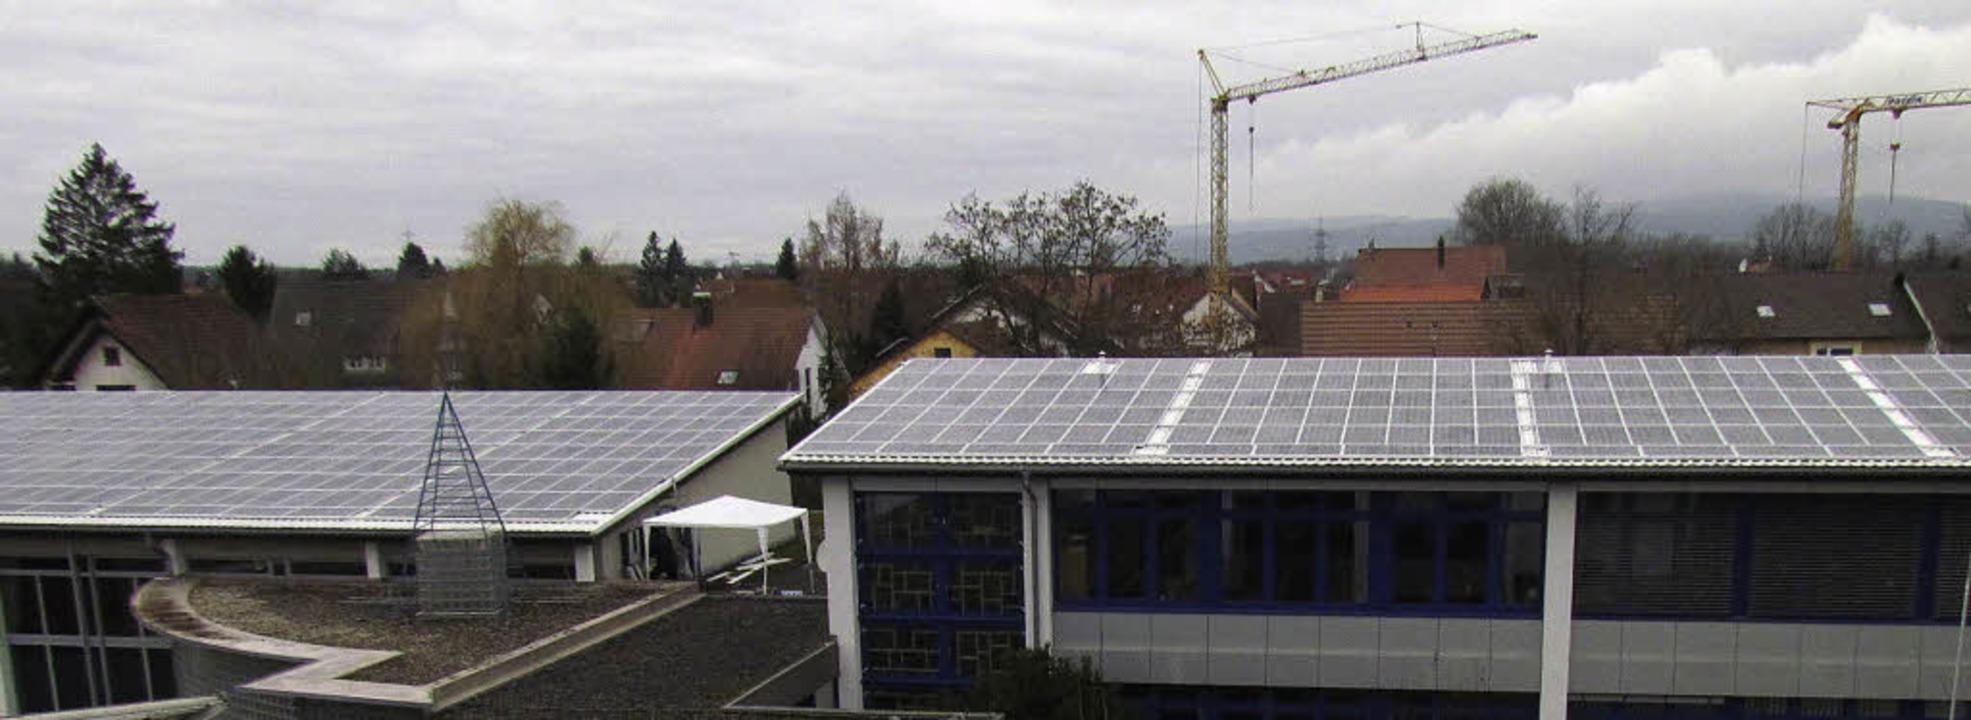 Die Photovoltaikanlage auf den Dächern...ie Bürgerenergiegenossenschaft March.   | Foto: privat